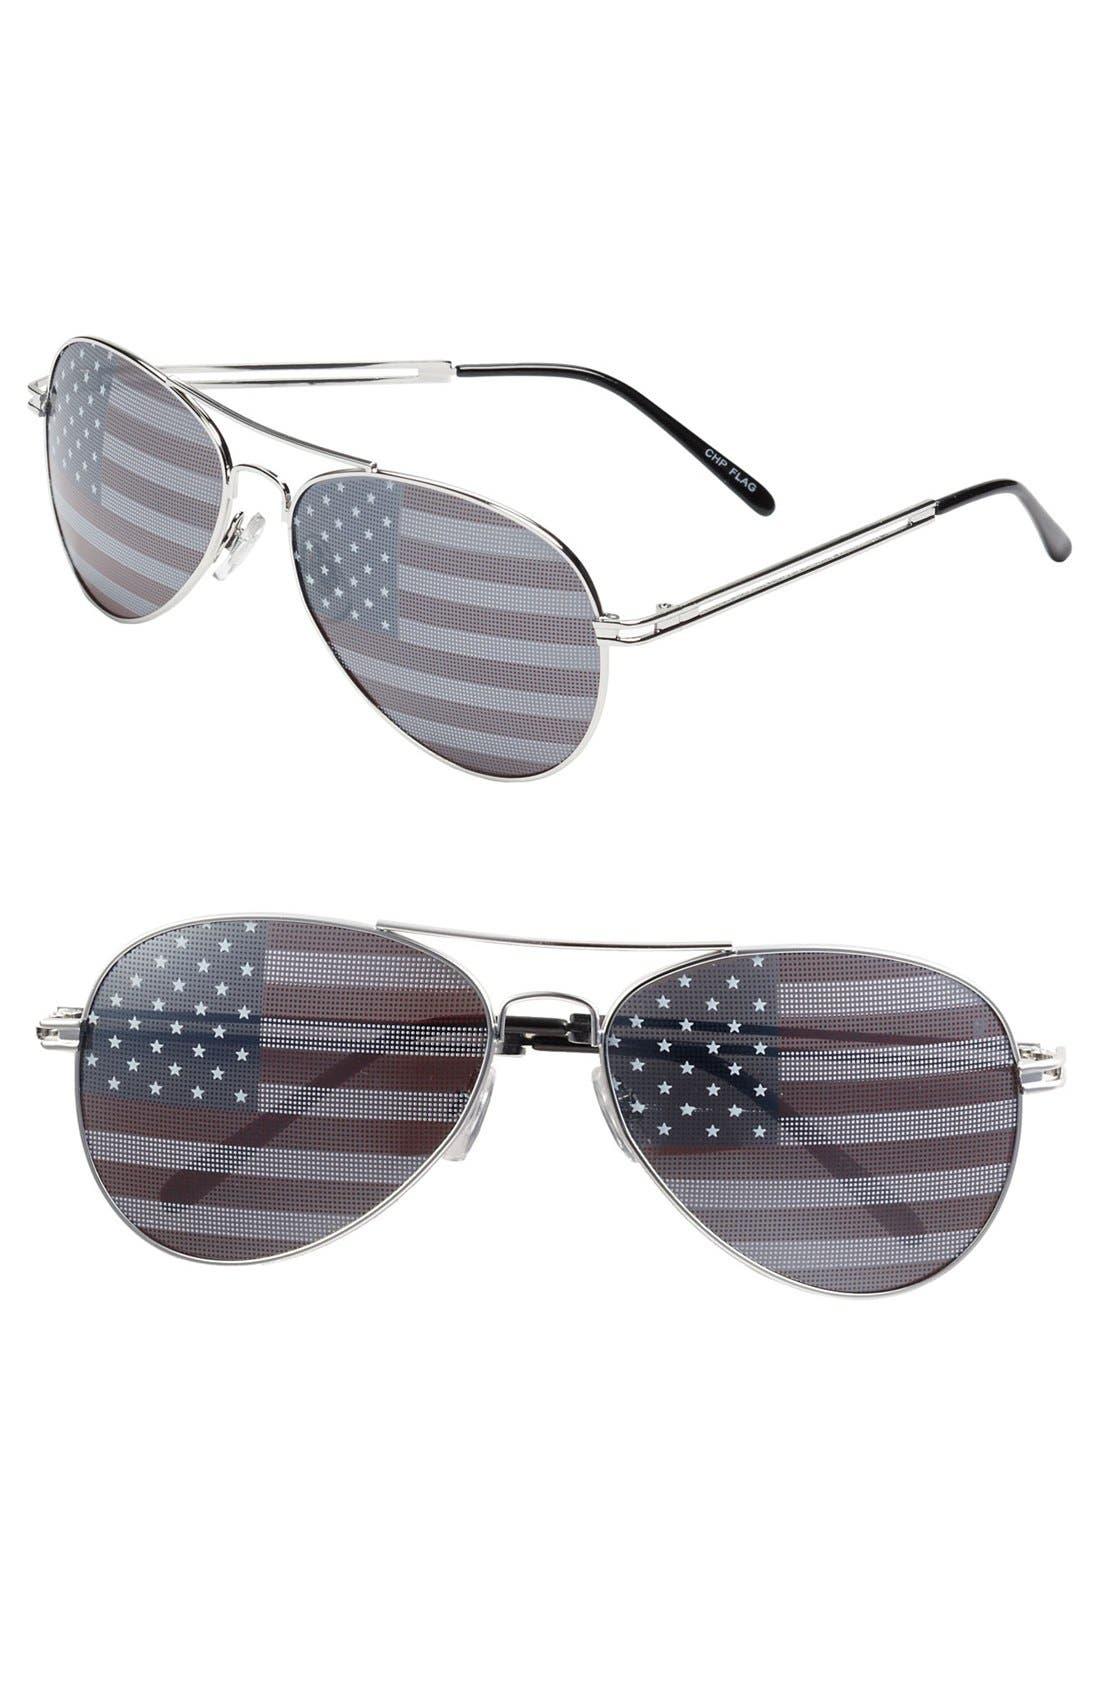 Alternate Image 1 Selected - BP. American Flag Aviator Sunglasses